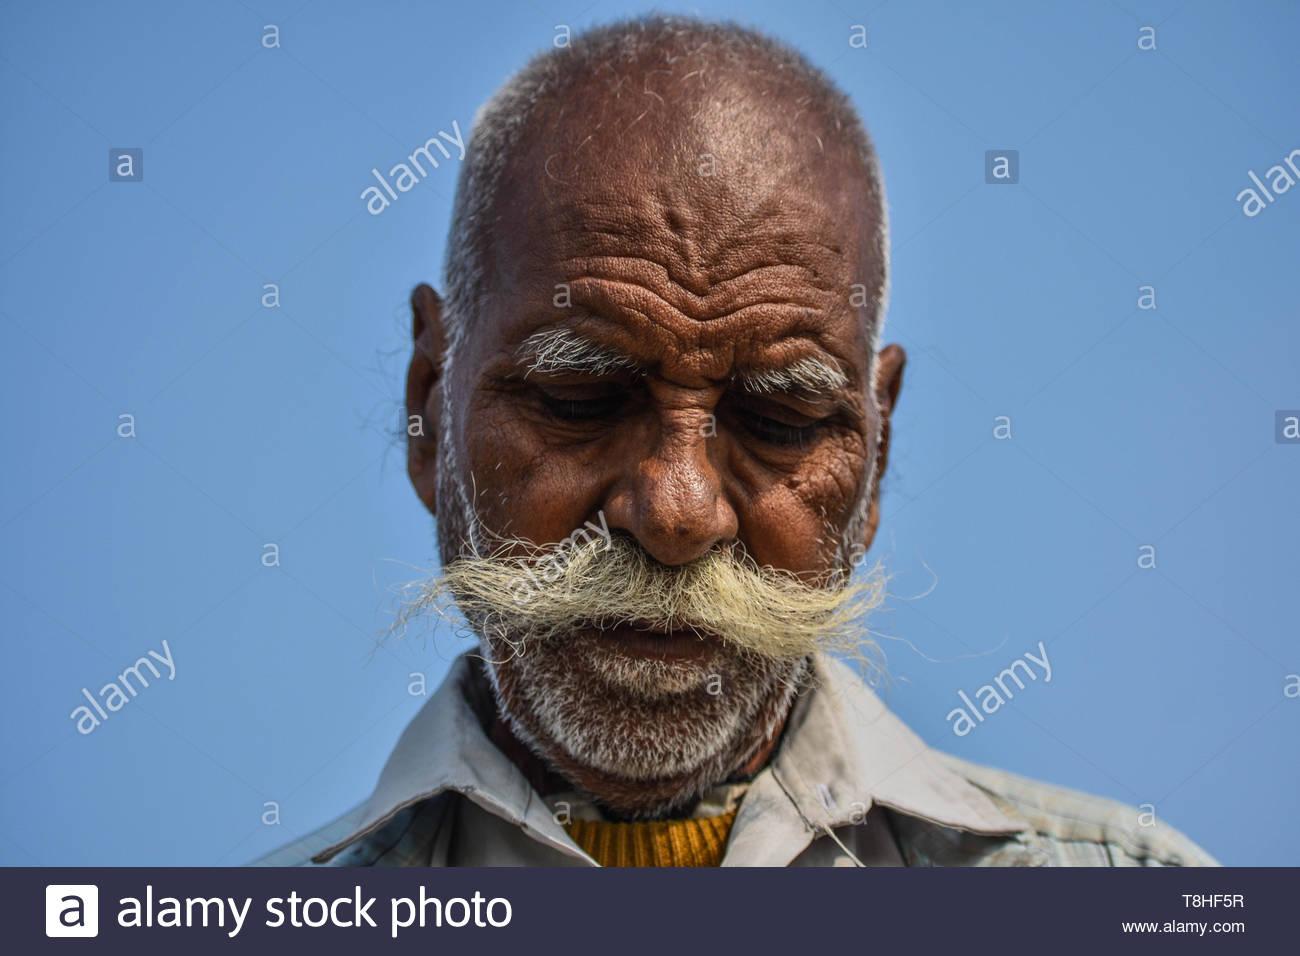 Un vieil homme avec une longue moustache. Photo Stock